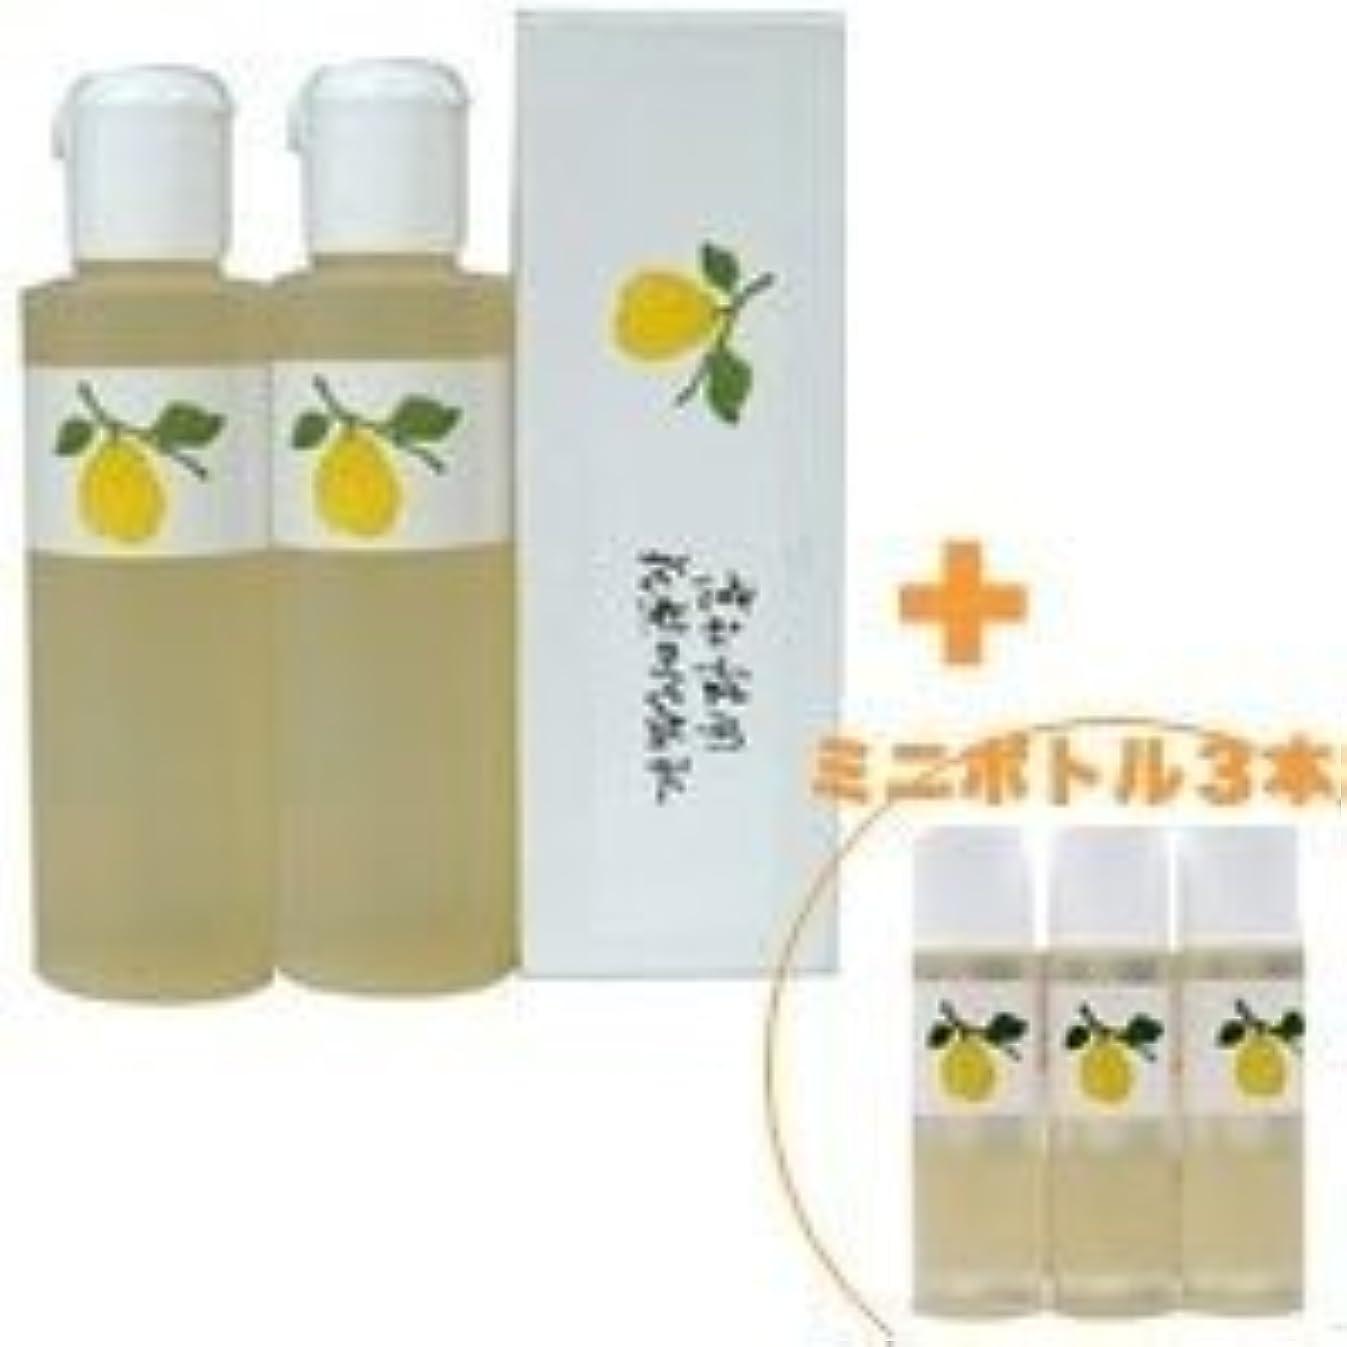 検索プレゼンターアトム花梨の化粧水 200ml 2本&ミニボトル 3本 美容液 栄養クリームのいらないお肌へ 保湿と乾燥対策に